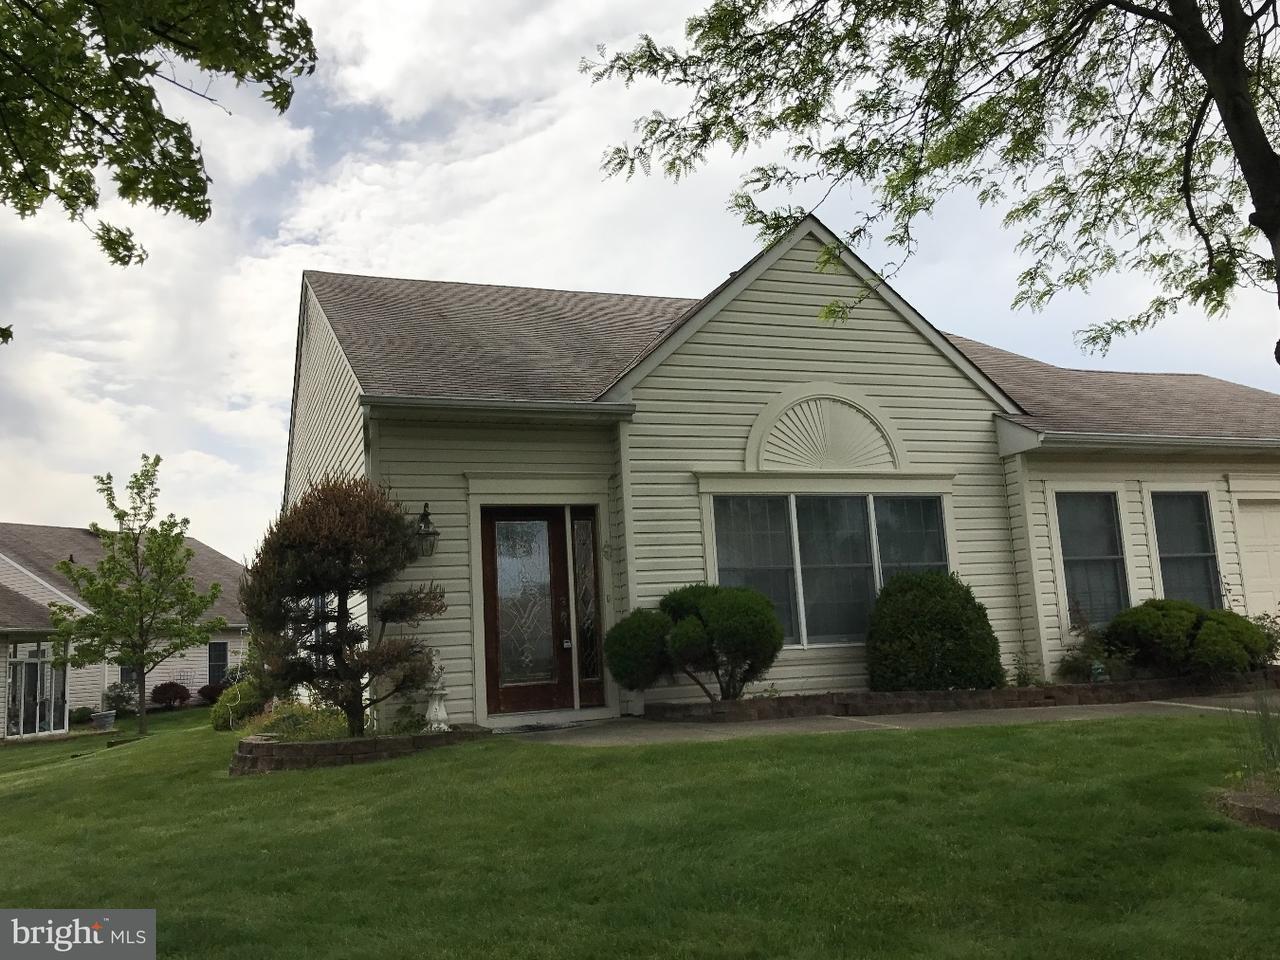 Частный односемейный дом для того Продажа на 71 LANTERN Lane Mansfield Township, Нью-Джерси 08022 Соединенные Штаты